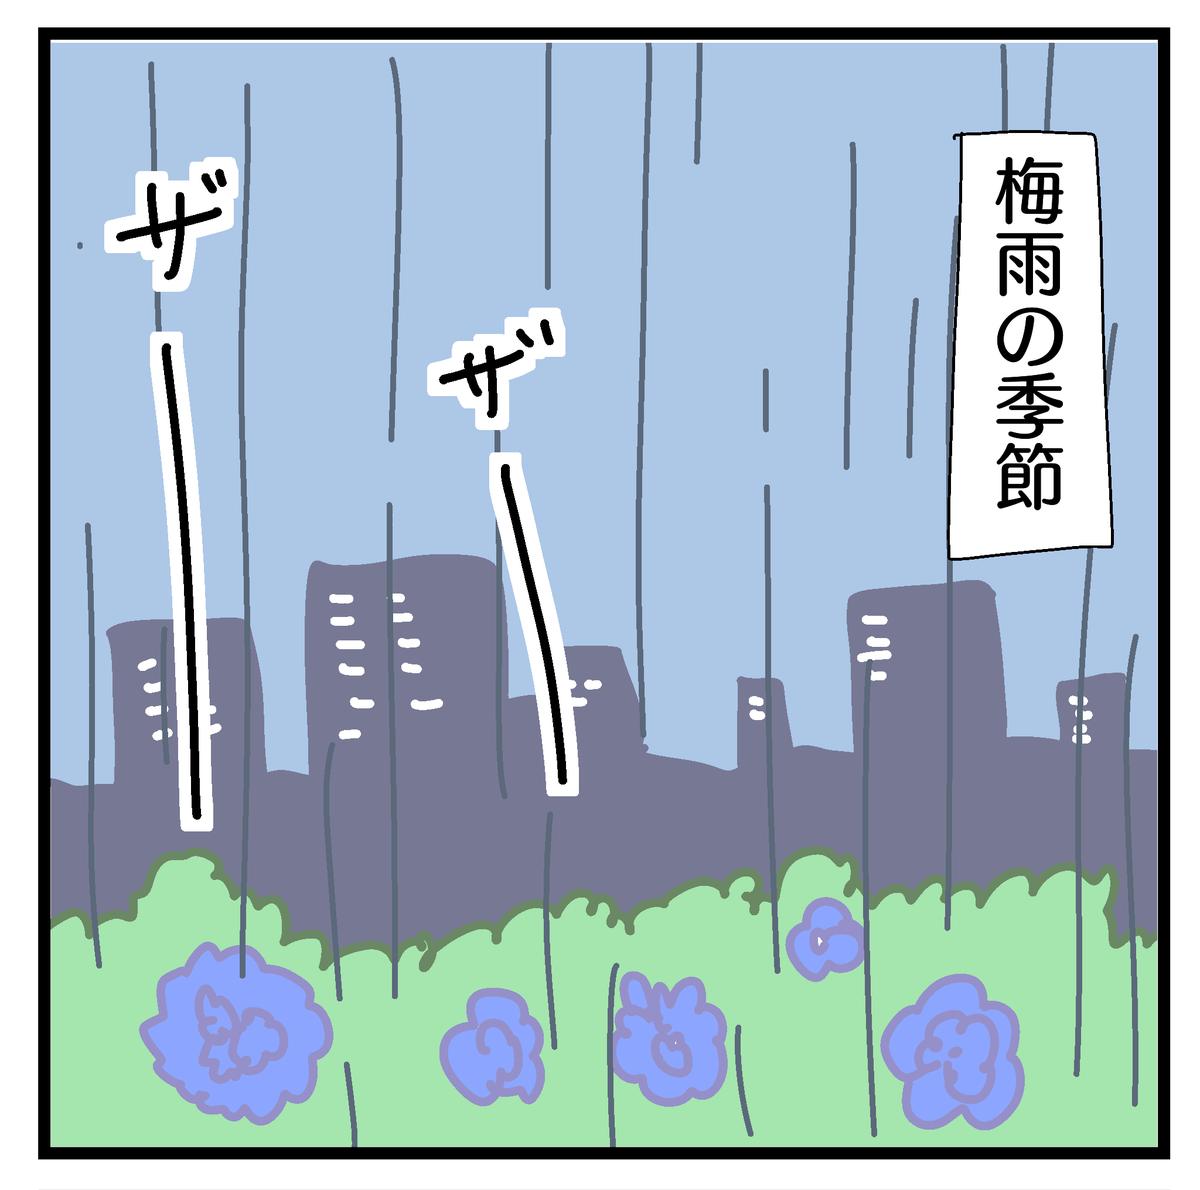 f:id:YuruFuwaTa:20200709163752p:plain